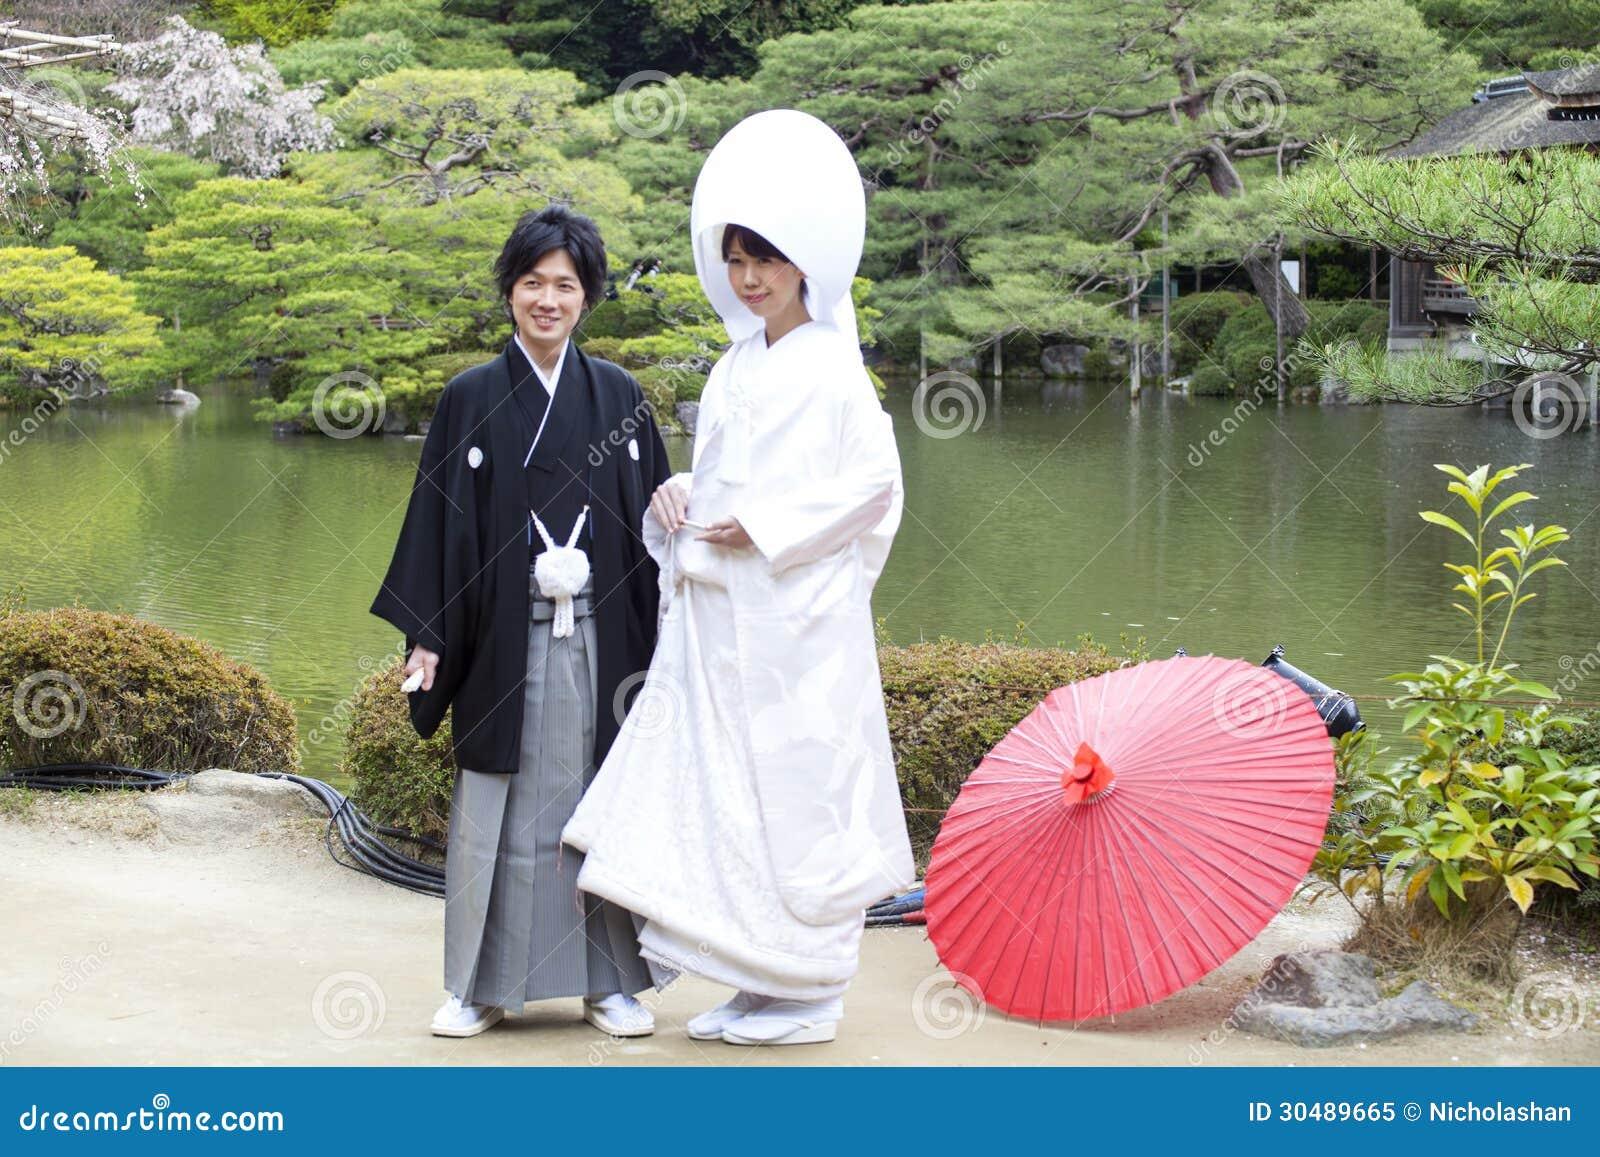 740fc78ce03b Vestito Da Sposa Tradizionale Giapponese Immagine Editoriale ...